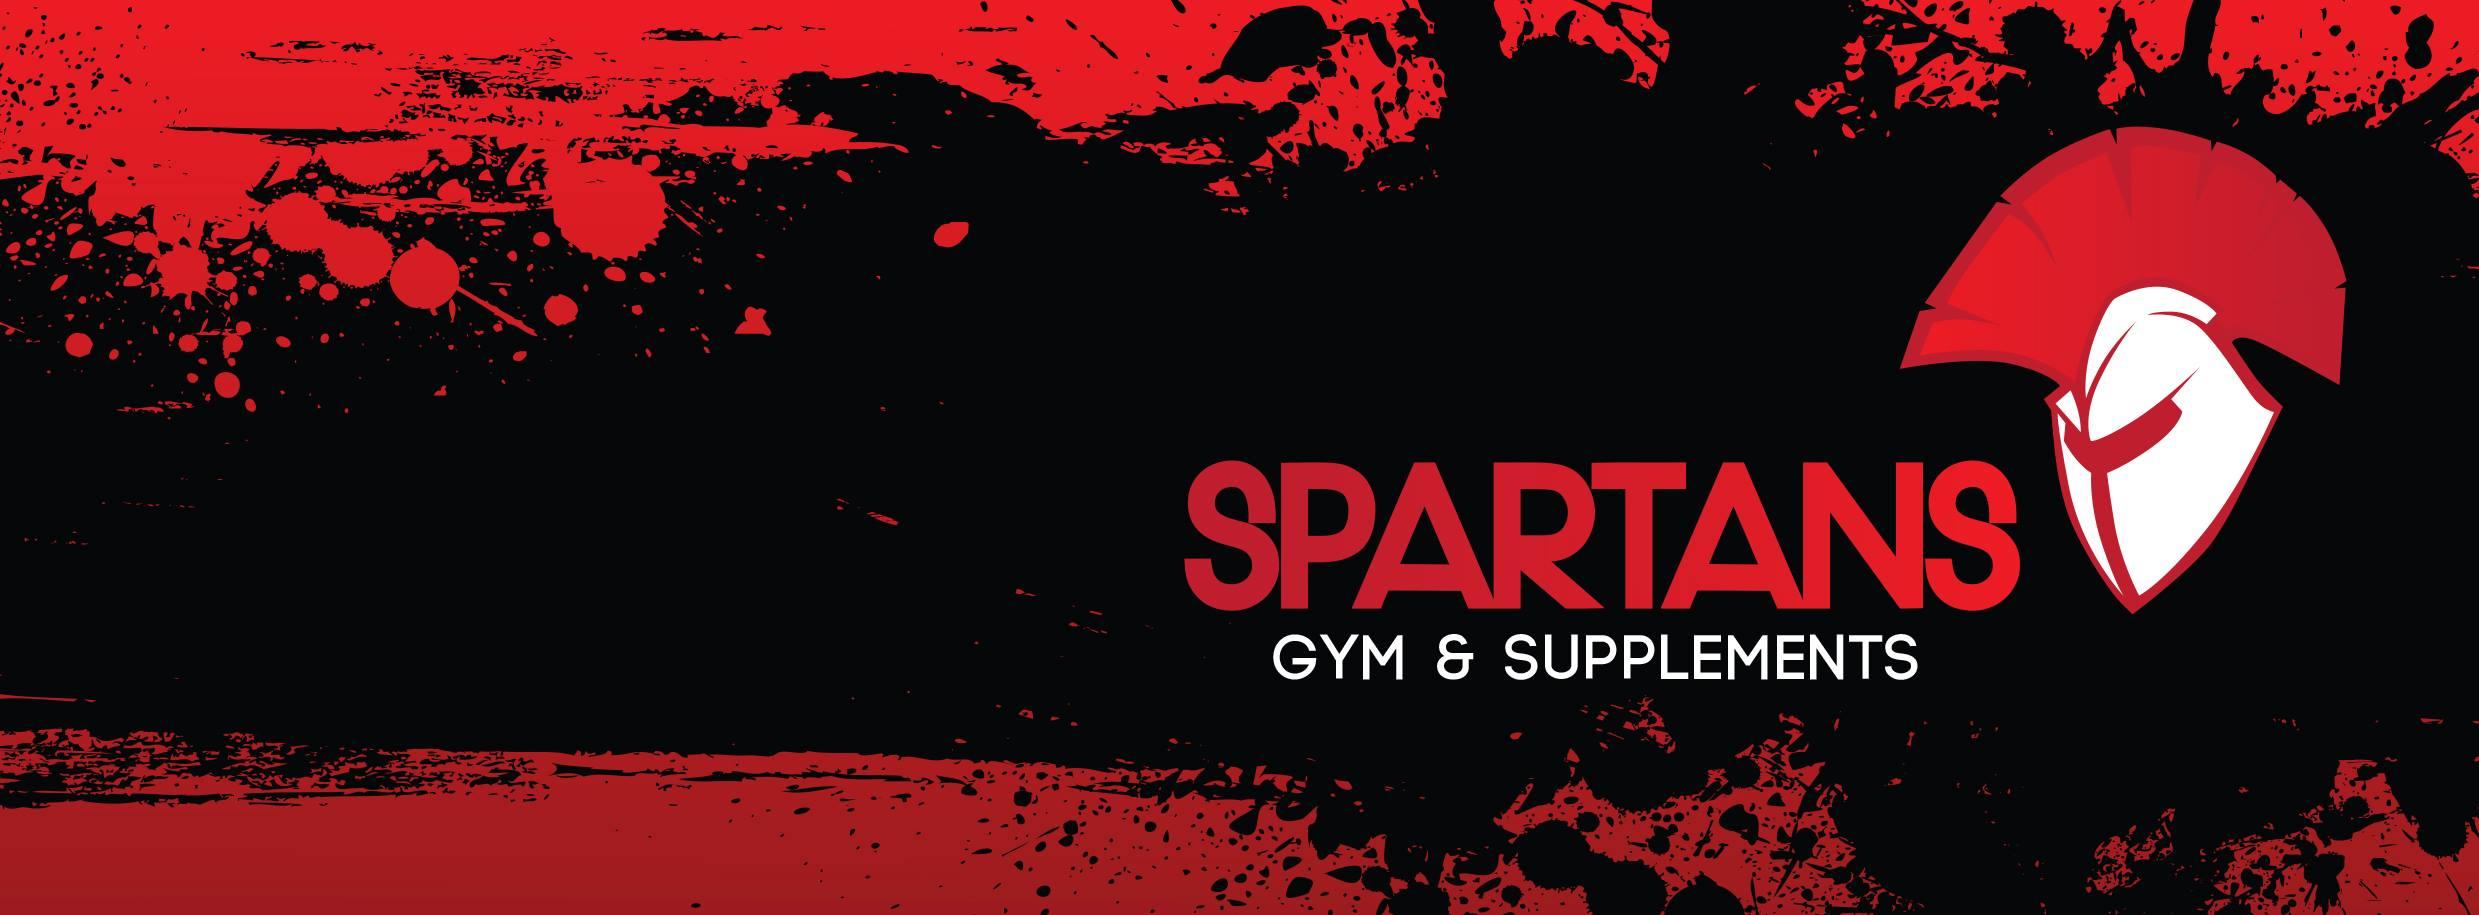 Spartansuppz Header Image